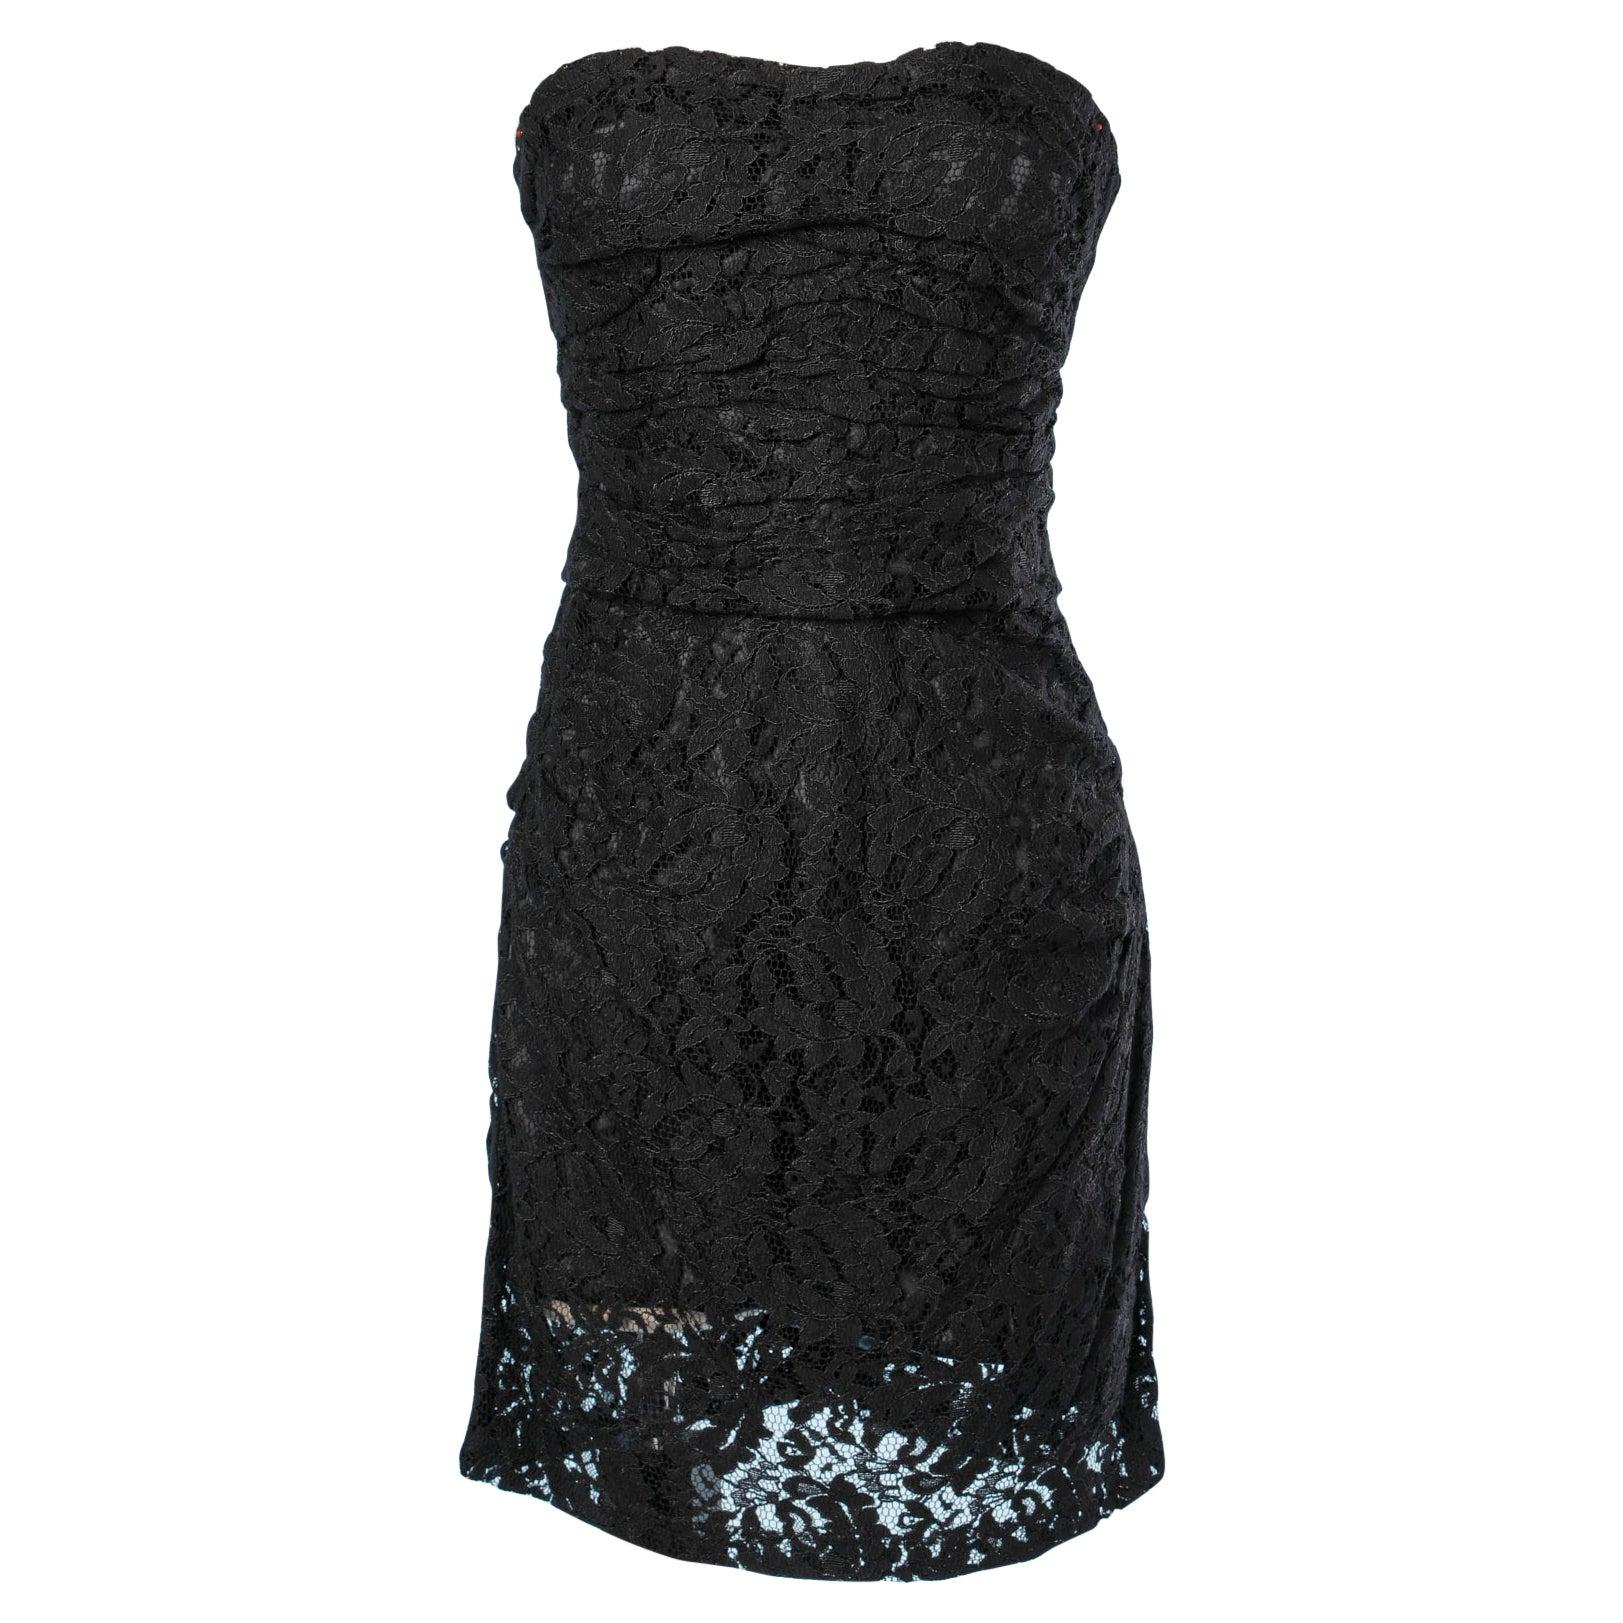 Mini dress bustier in black lace Dolce & Gabbana